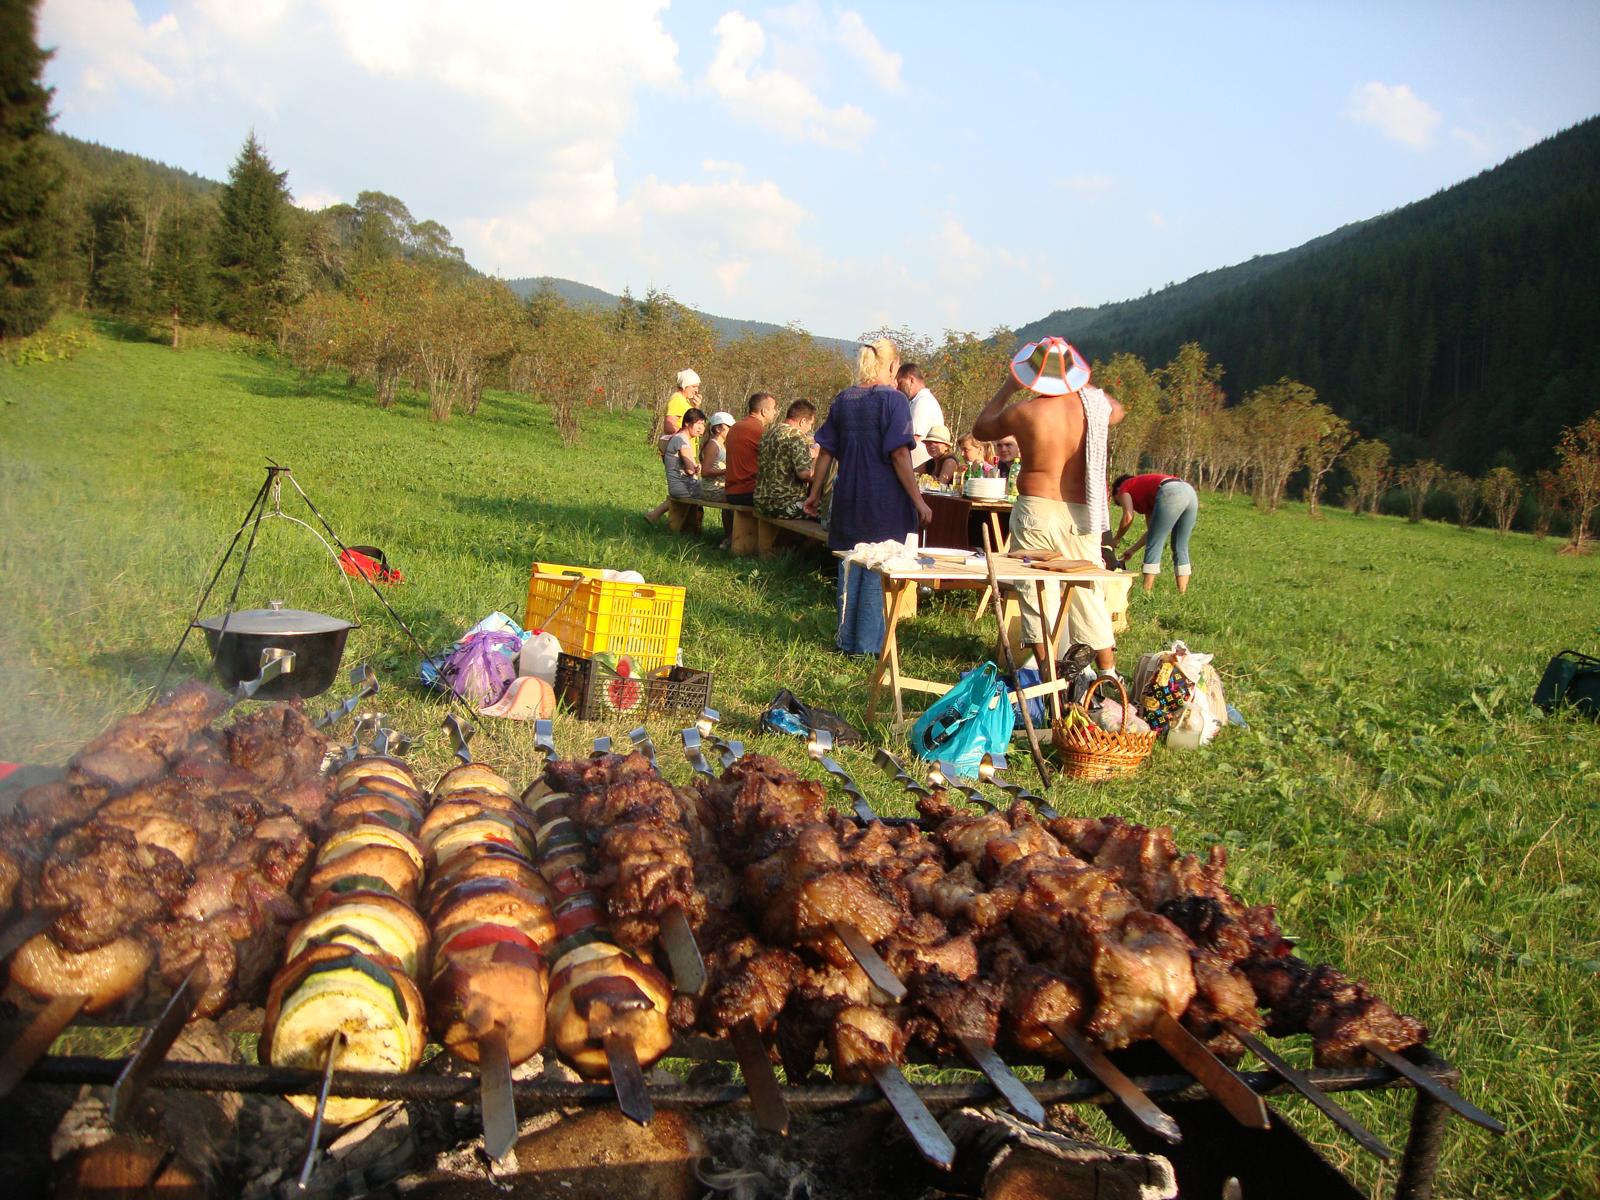 фото пикника с шашлыками на природе царских времен окутан